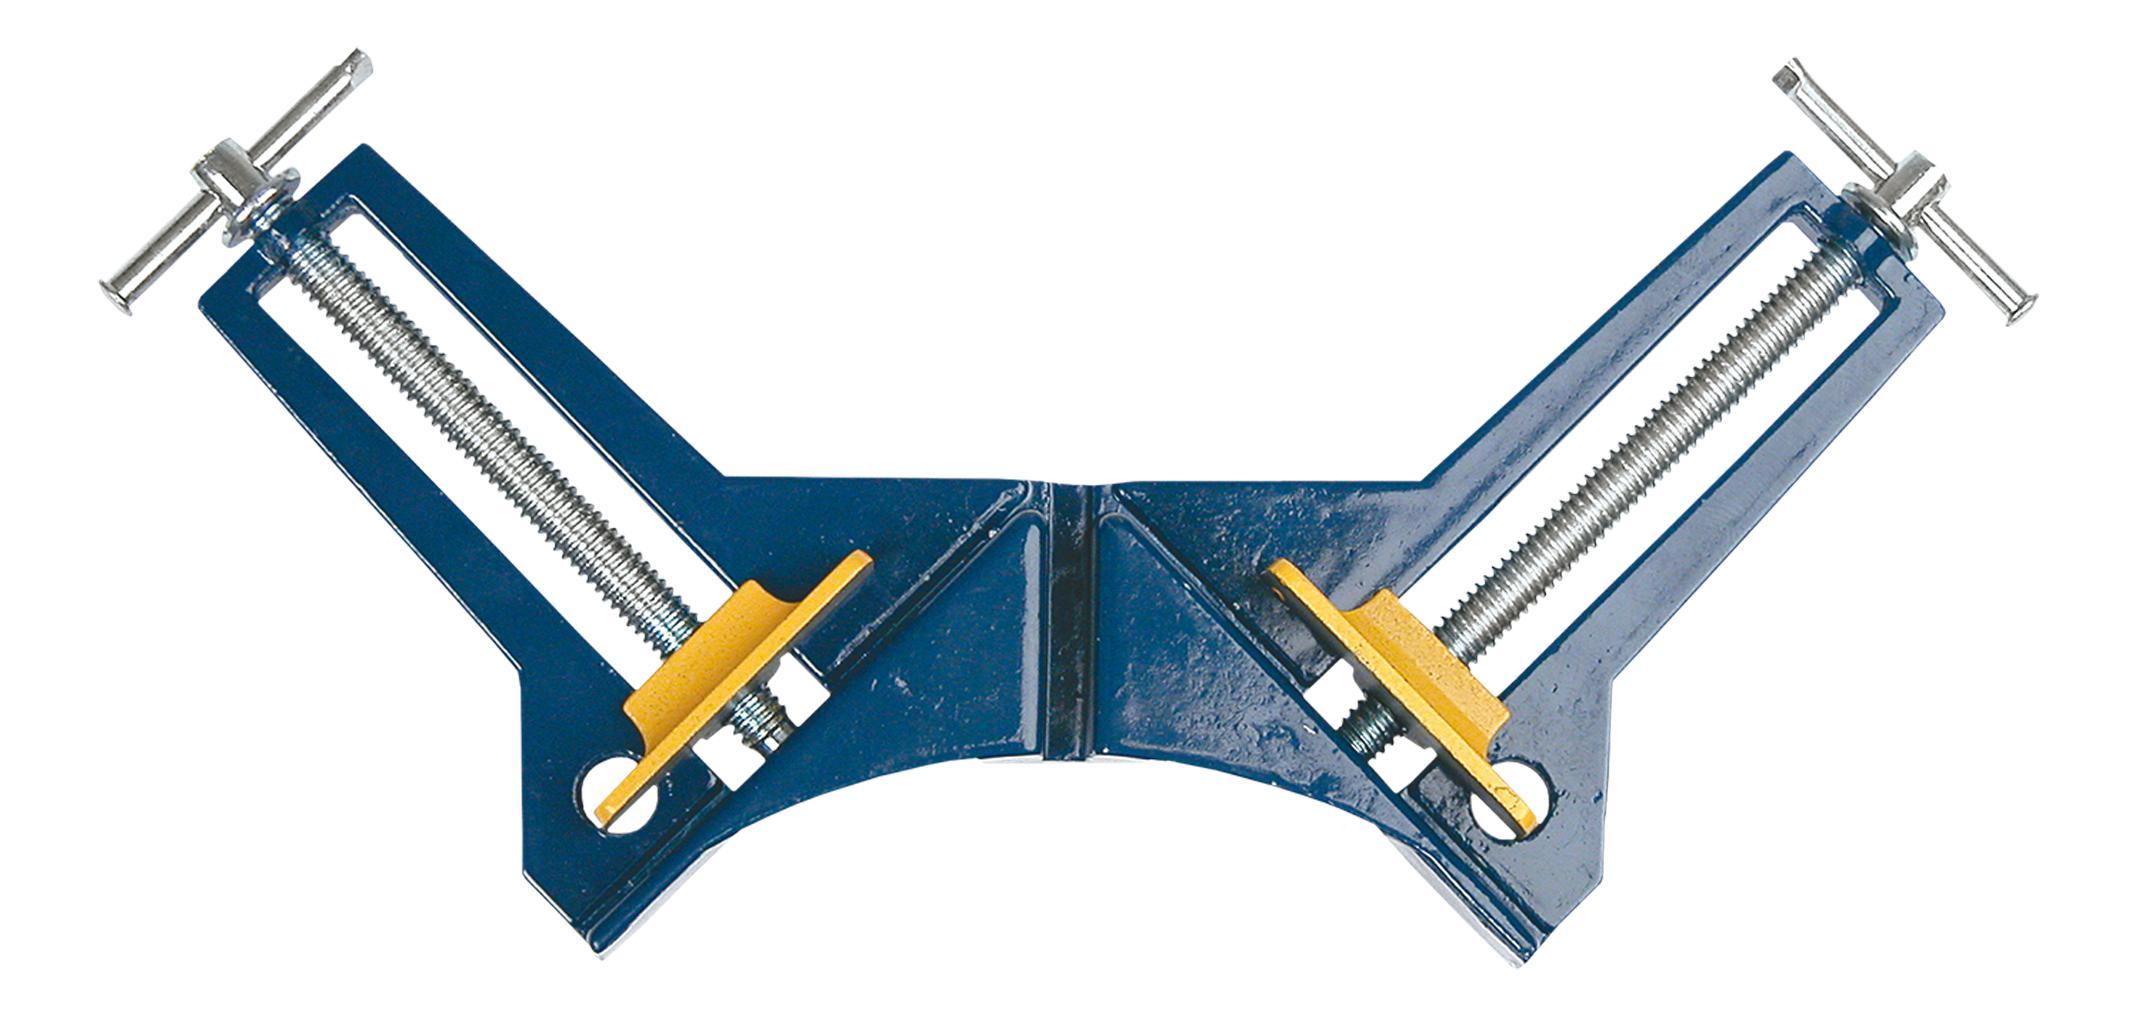 Струбцина Top tools 12a305